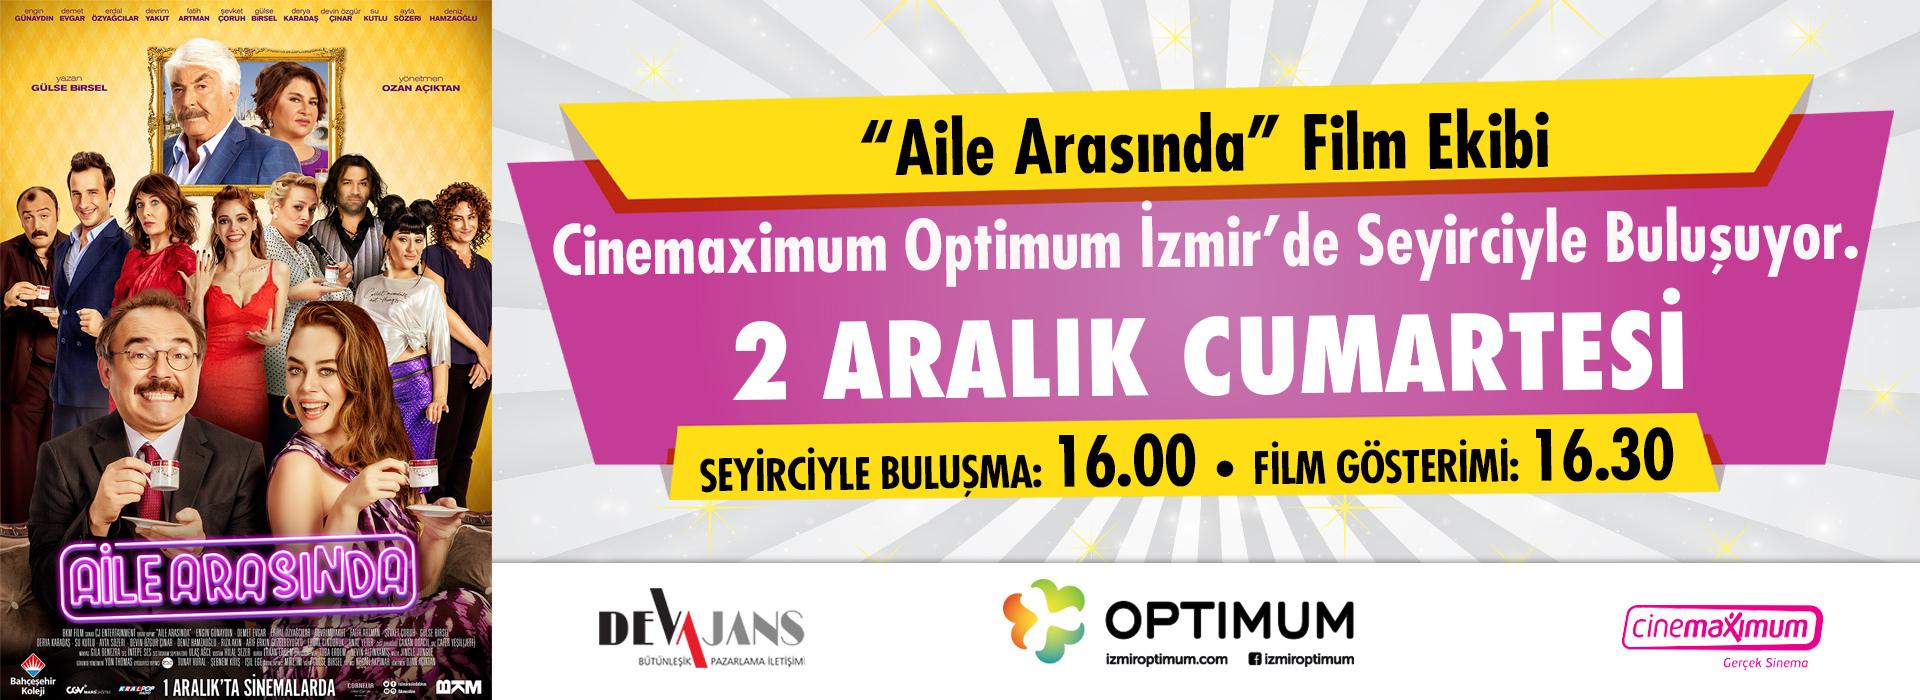 """""""Aile Arasında"""" film ekibi Cinemaximum Optimum İzmir'de seyirciyle buluşuyor"""